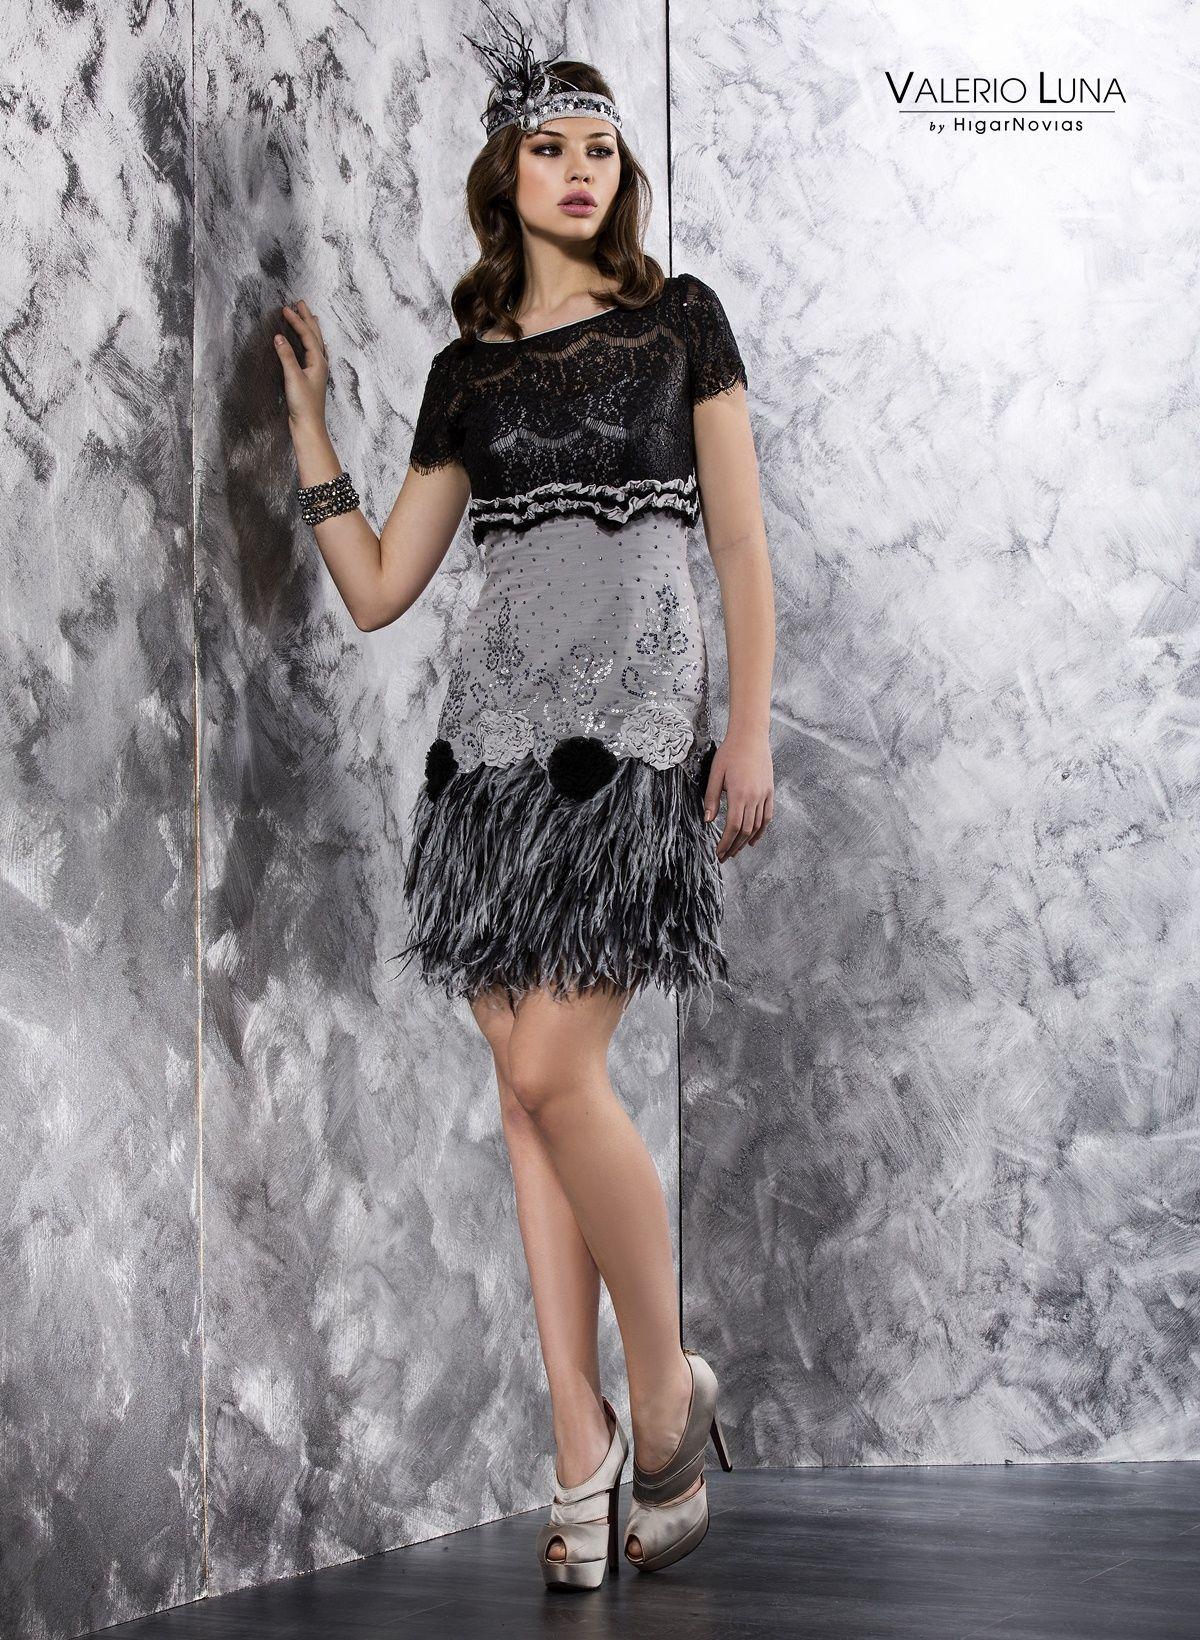 Vestido inspiraci n a os 20 colecci n 2014 valerio luna vestidos y complementos pinterest - Fiesta anos 20 ...